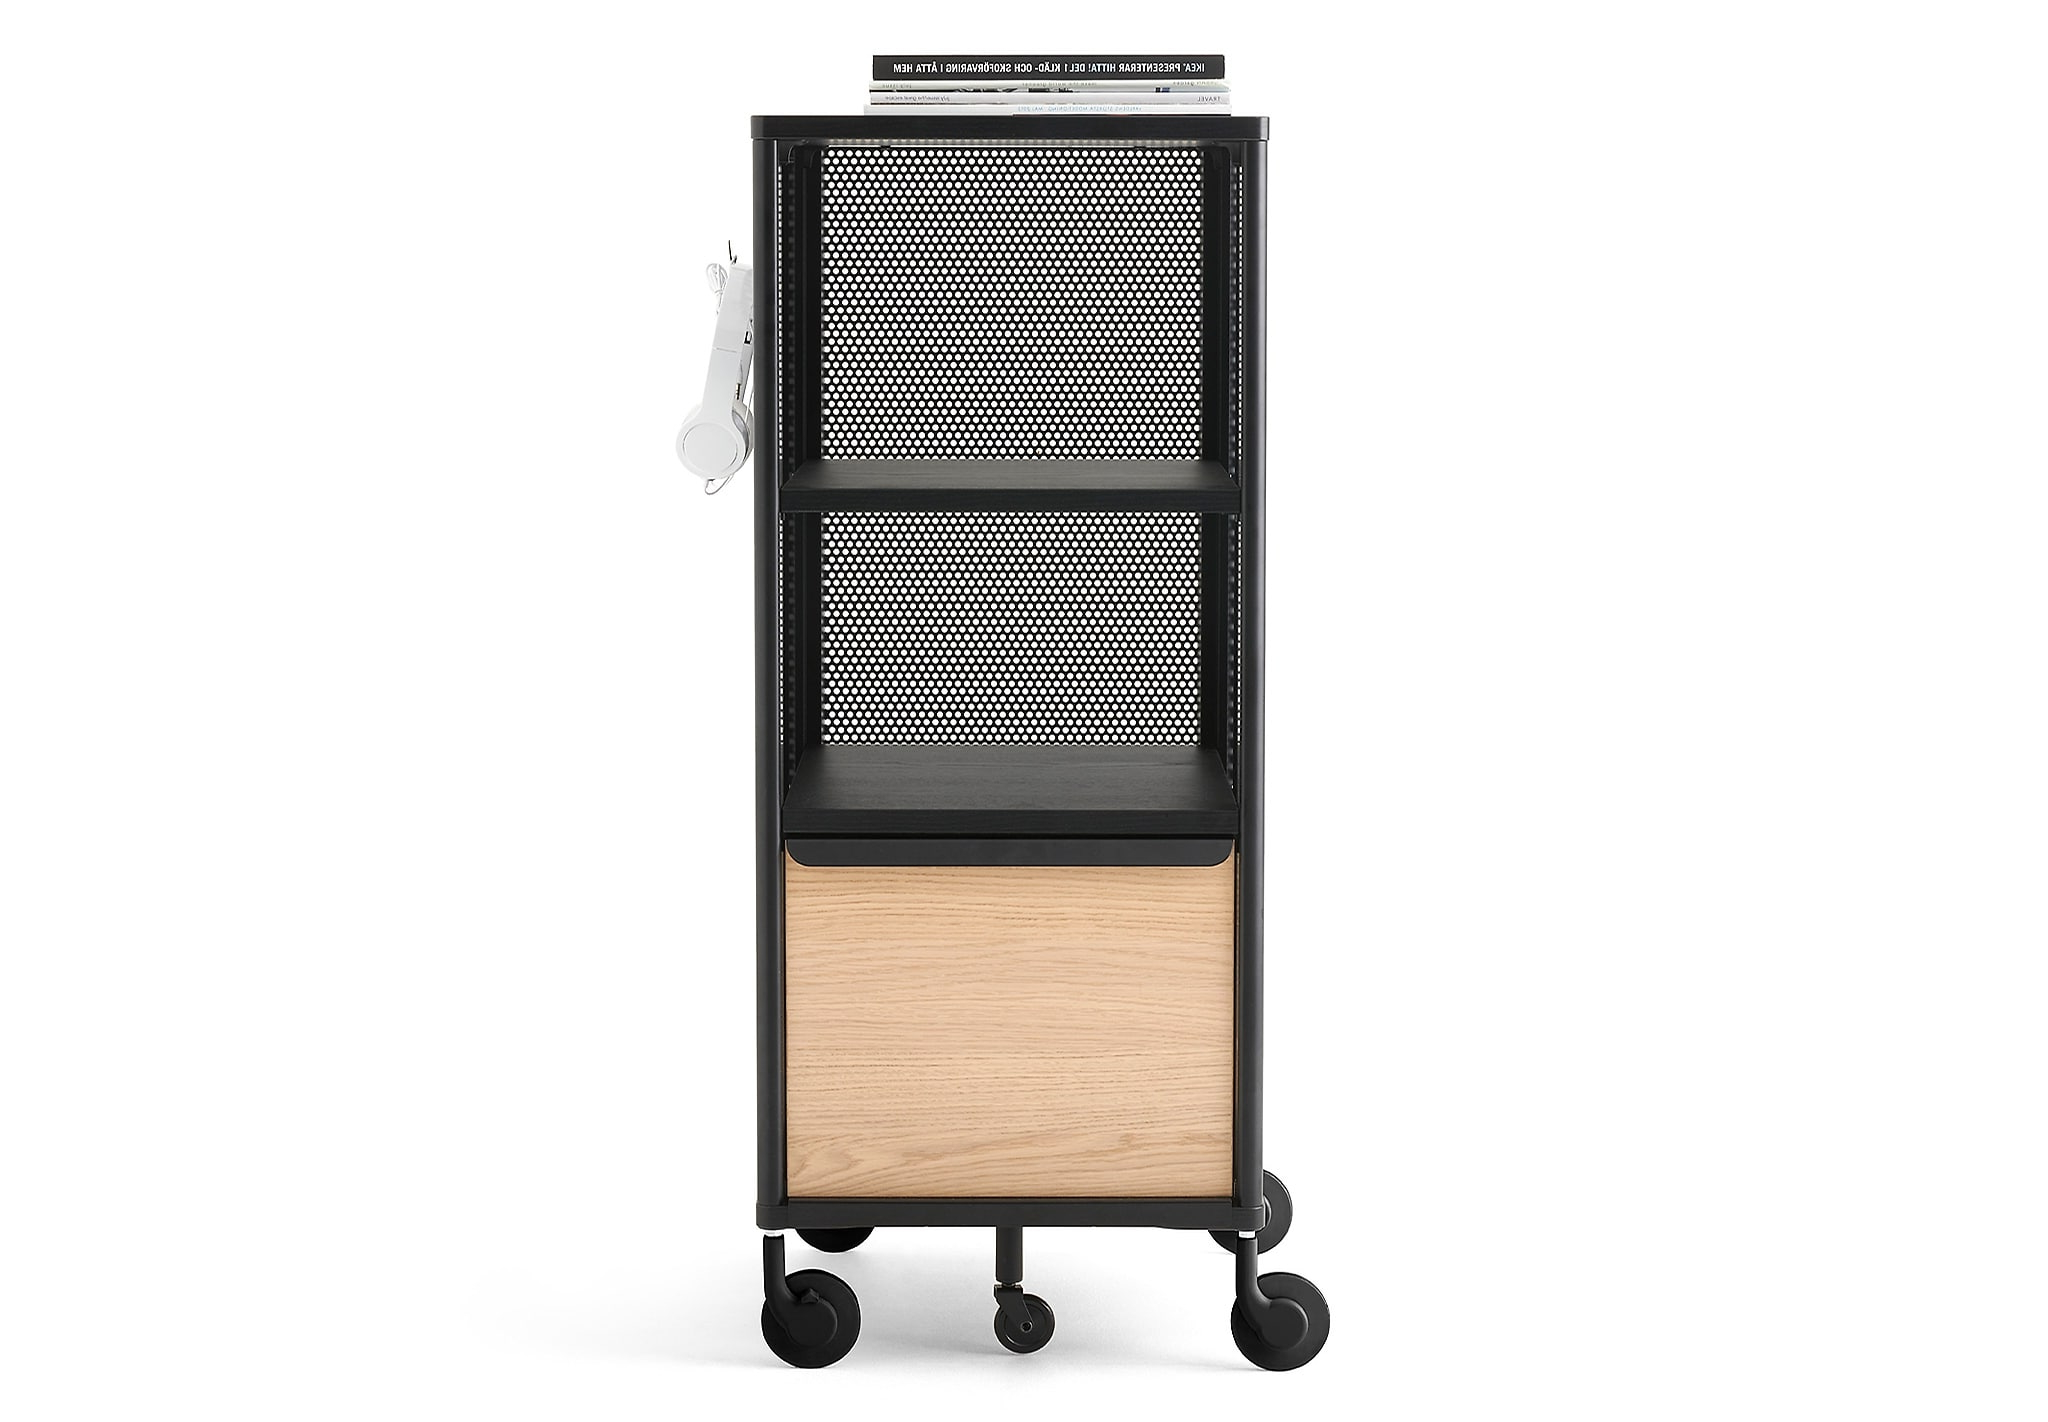 Archivador Metalico Ikea Ipdd Armarios Archivadores Y Cajoneras Pra Online Ikea